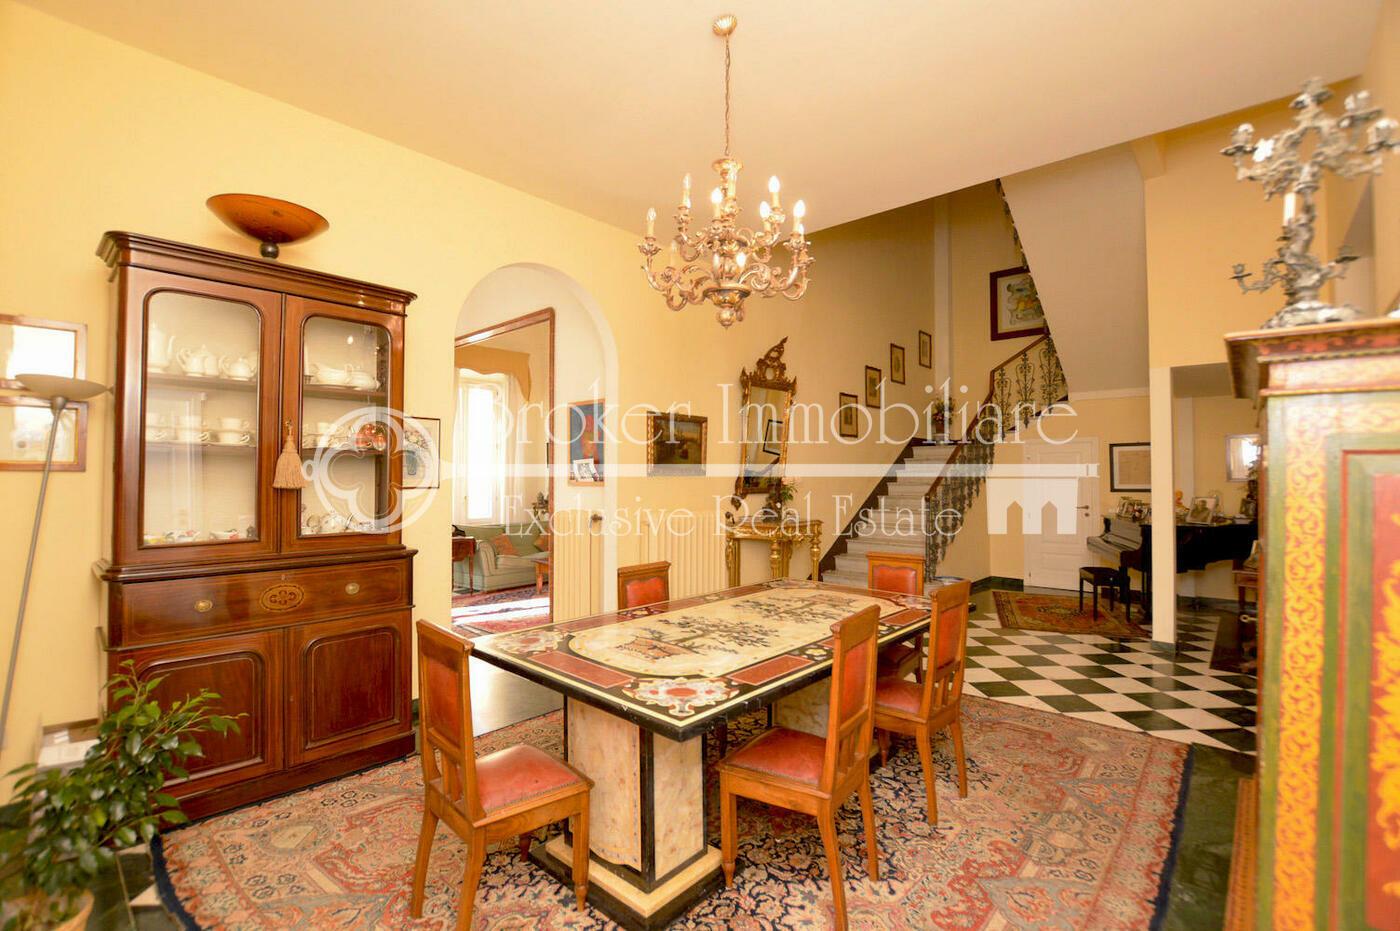 Villa in vendita a Viareggio con depandance a 150 metri dal mare